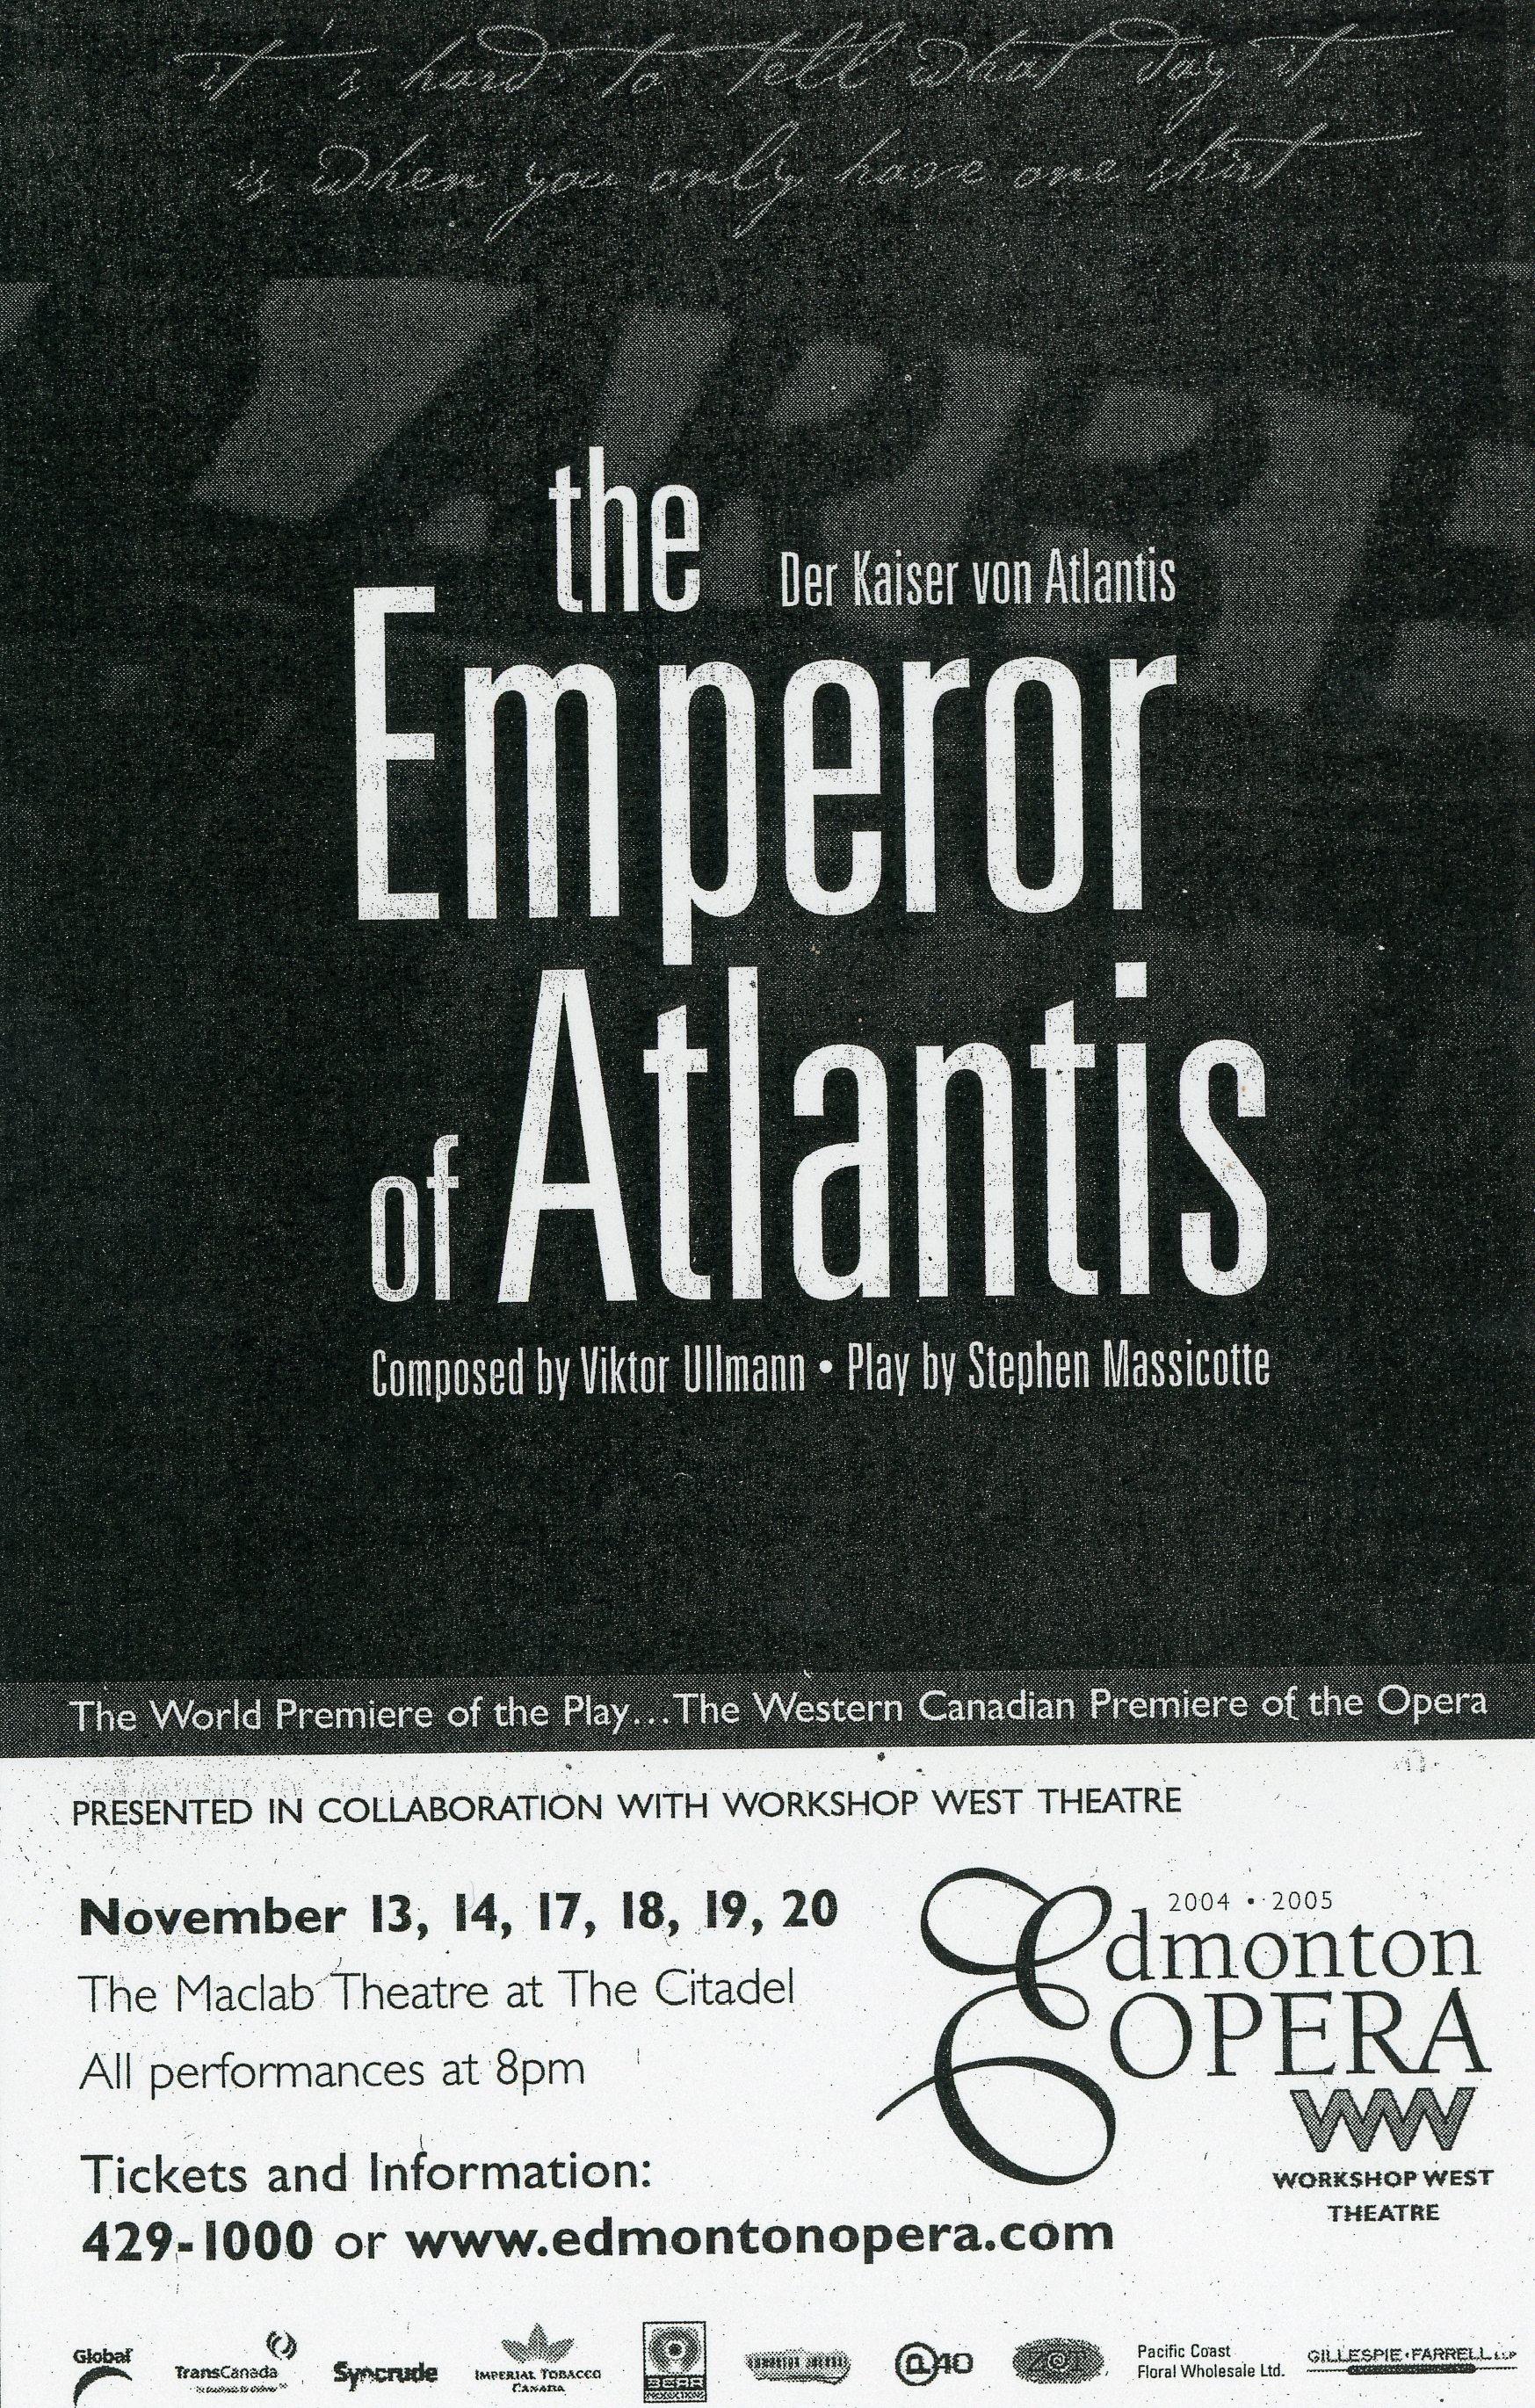 The Emperor of Alantis (November 2004)-Handbill_JPEG.jpg